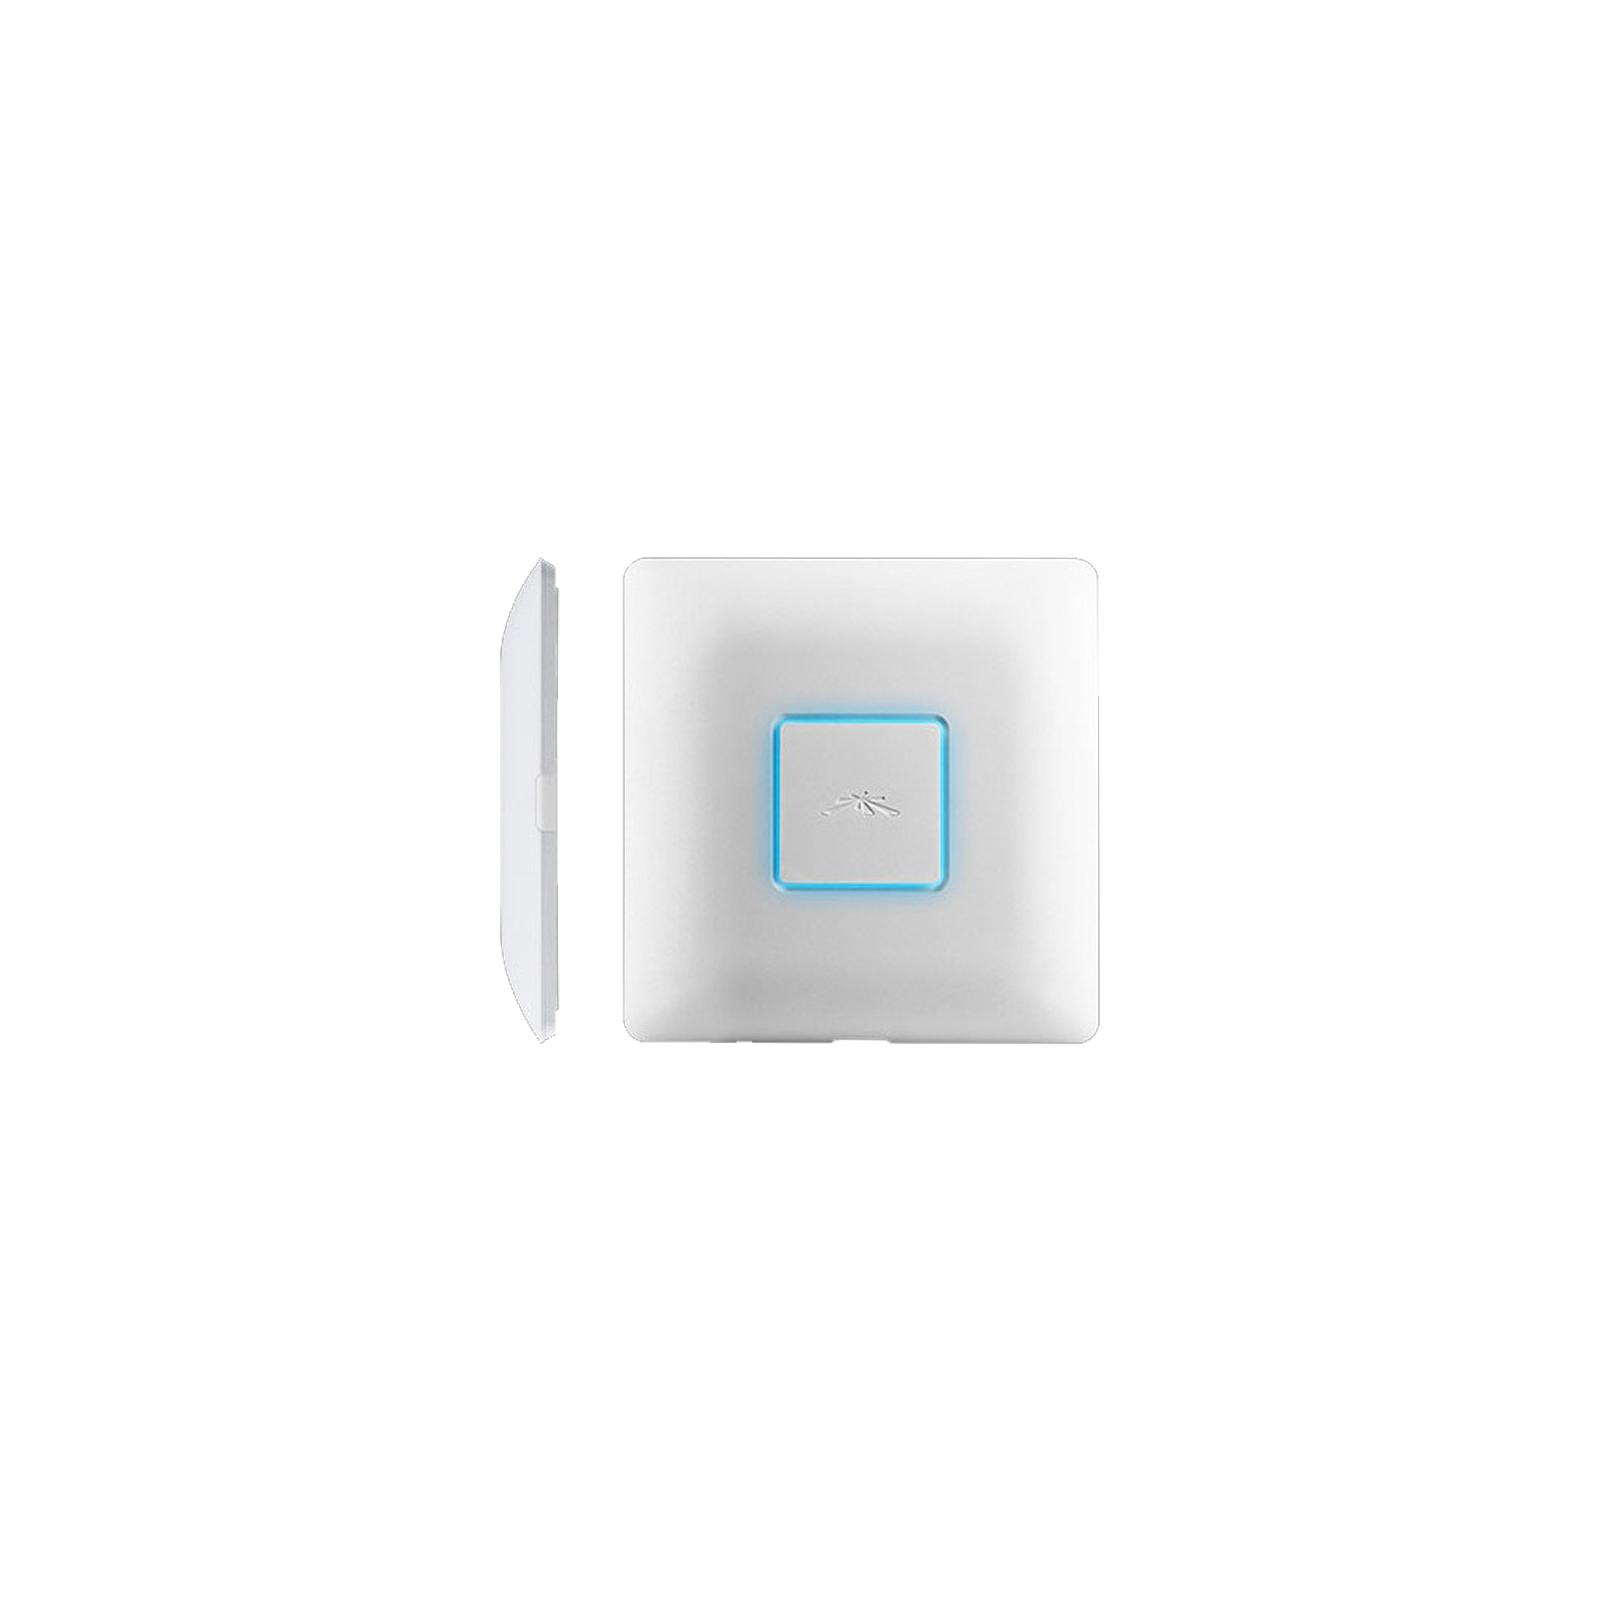 Точка доступа Wi-Fi Ubiquiti UAP-AC изображение 3